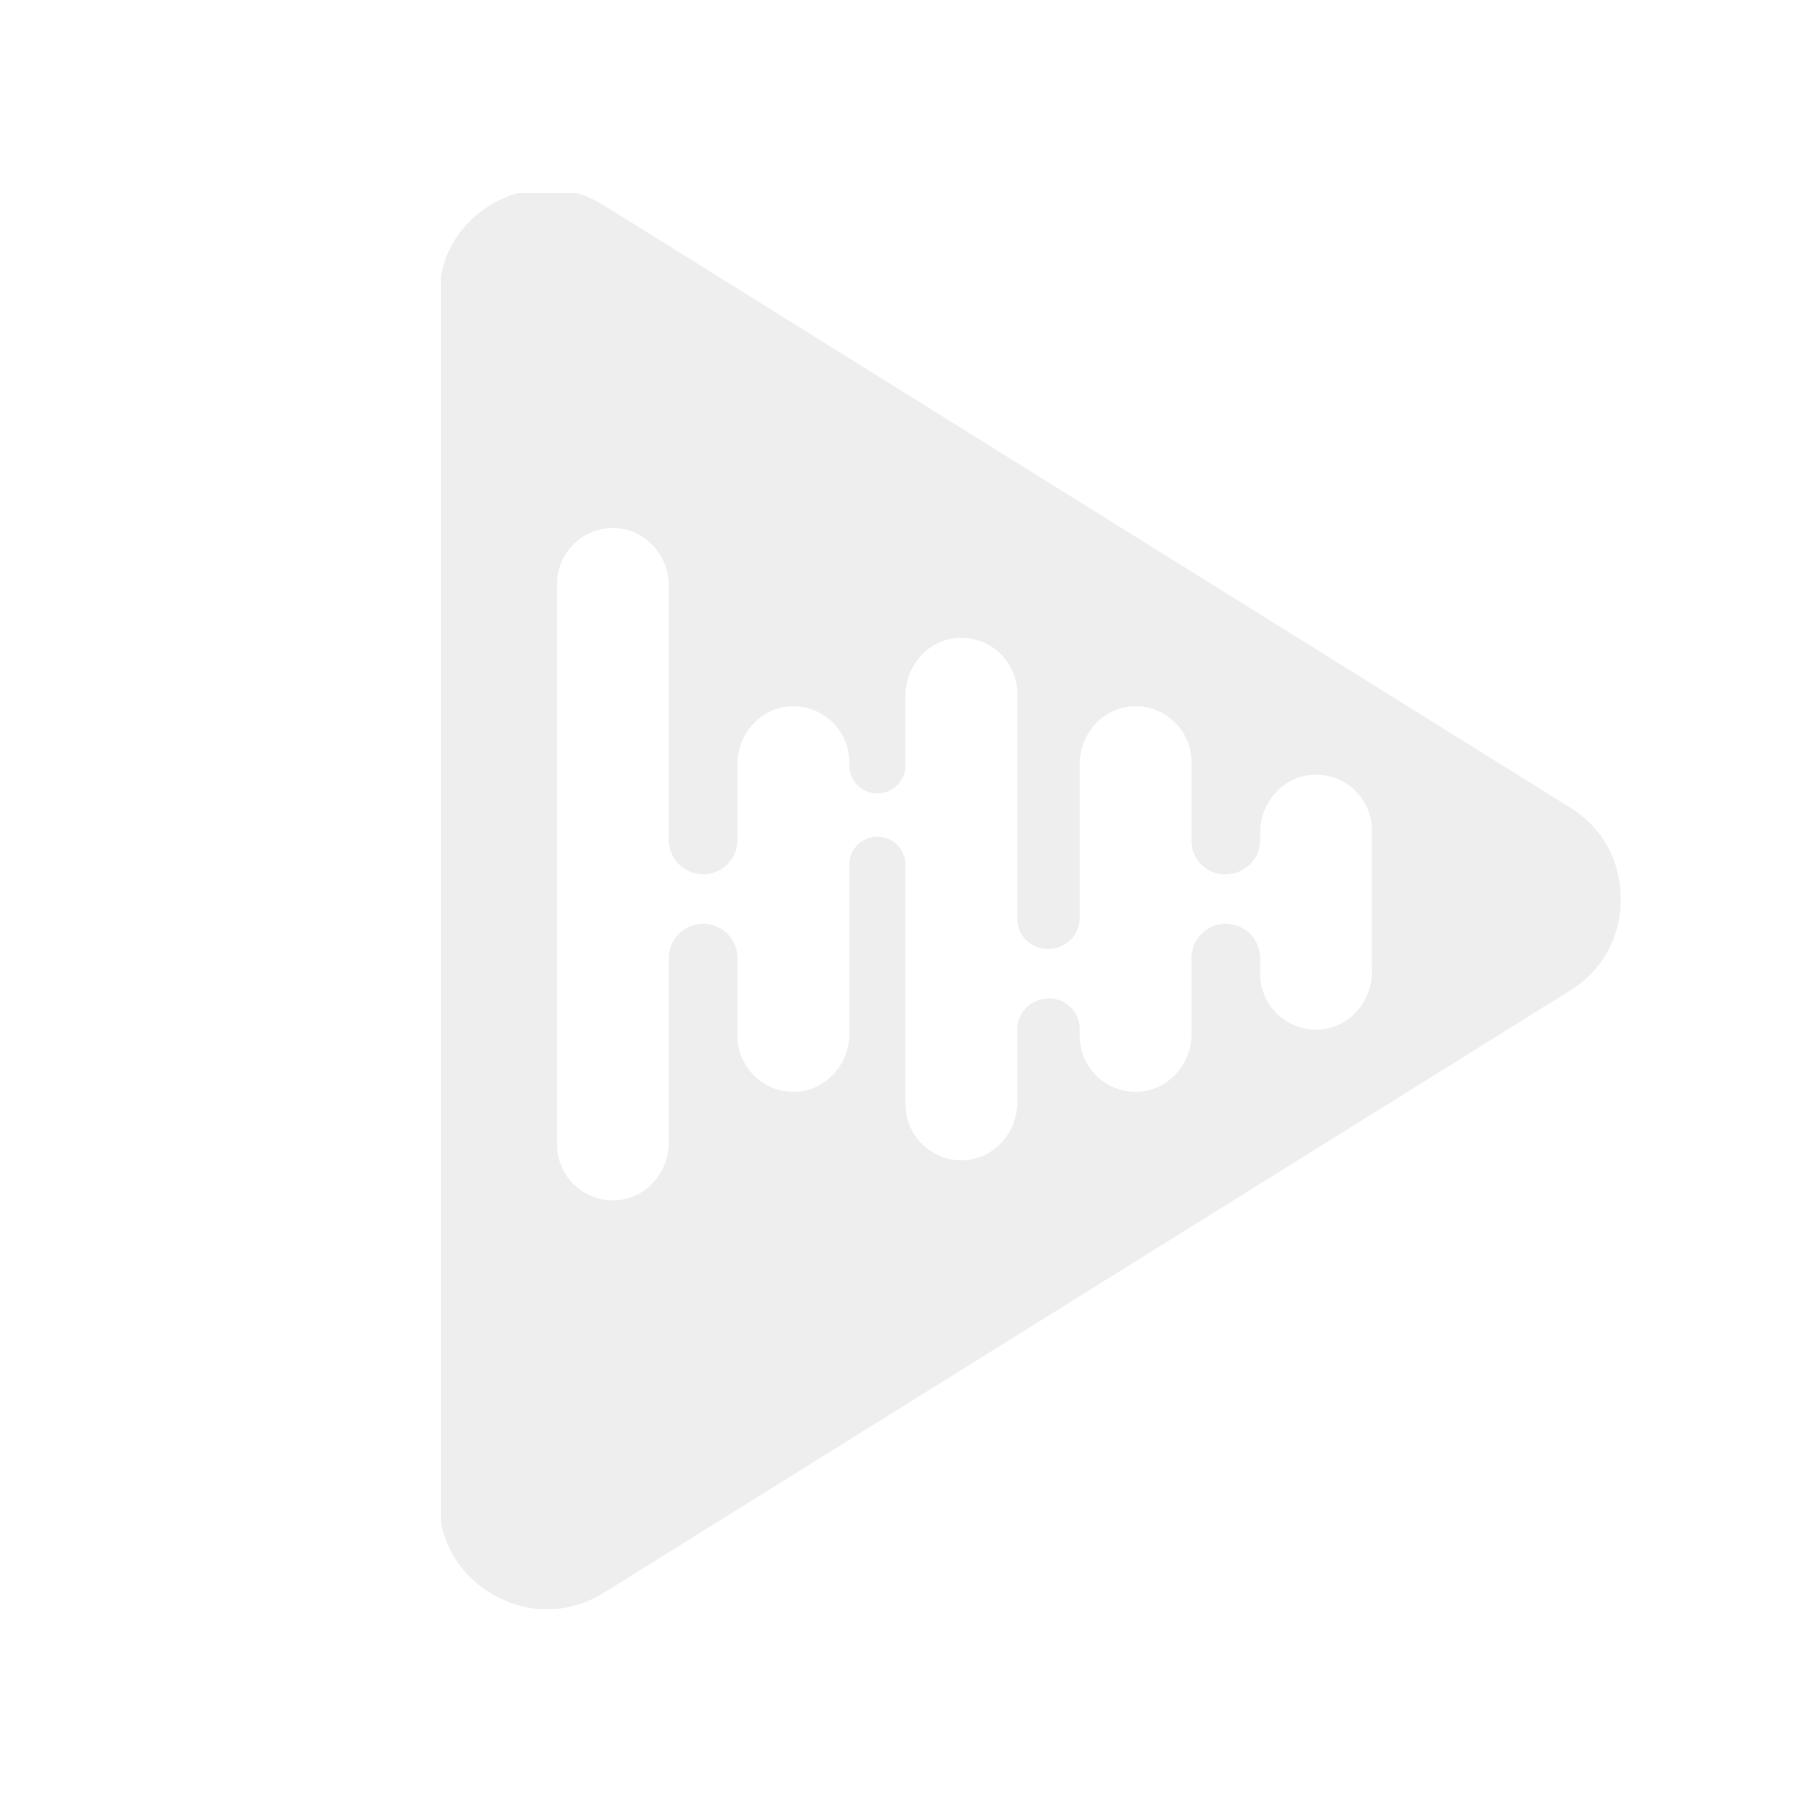 Skoddejuice Cookie Aroma